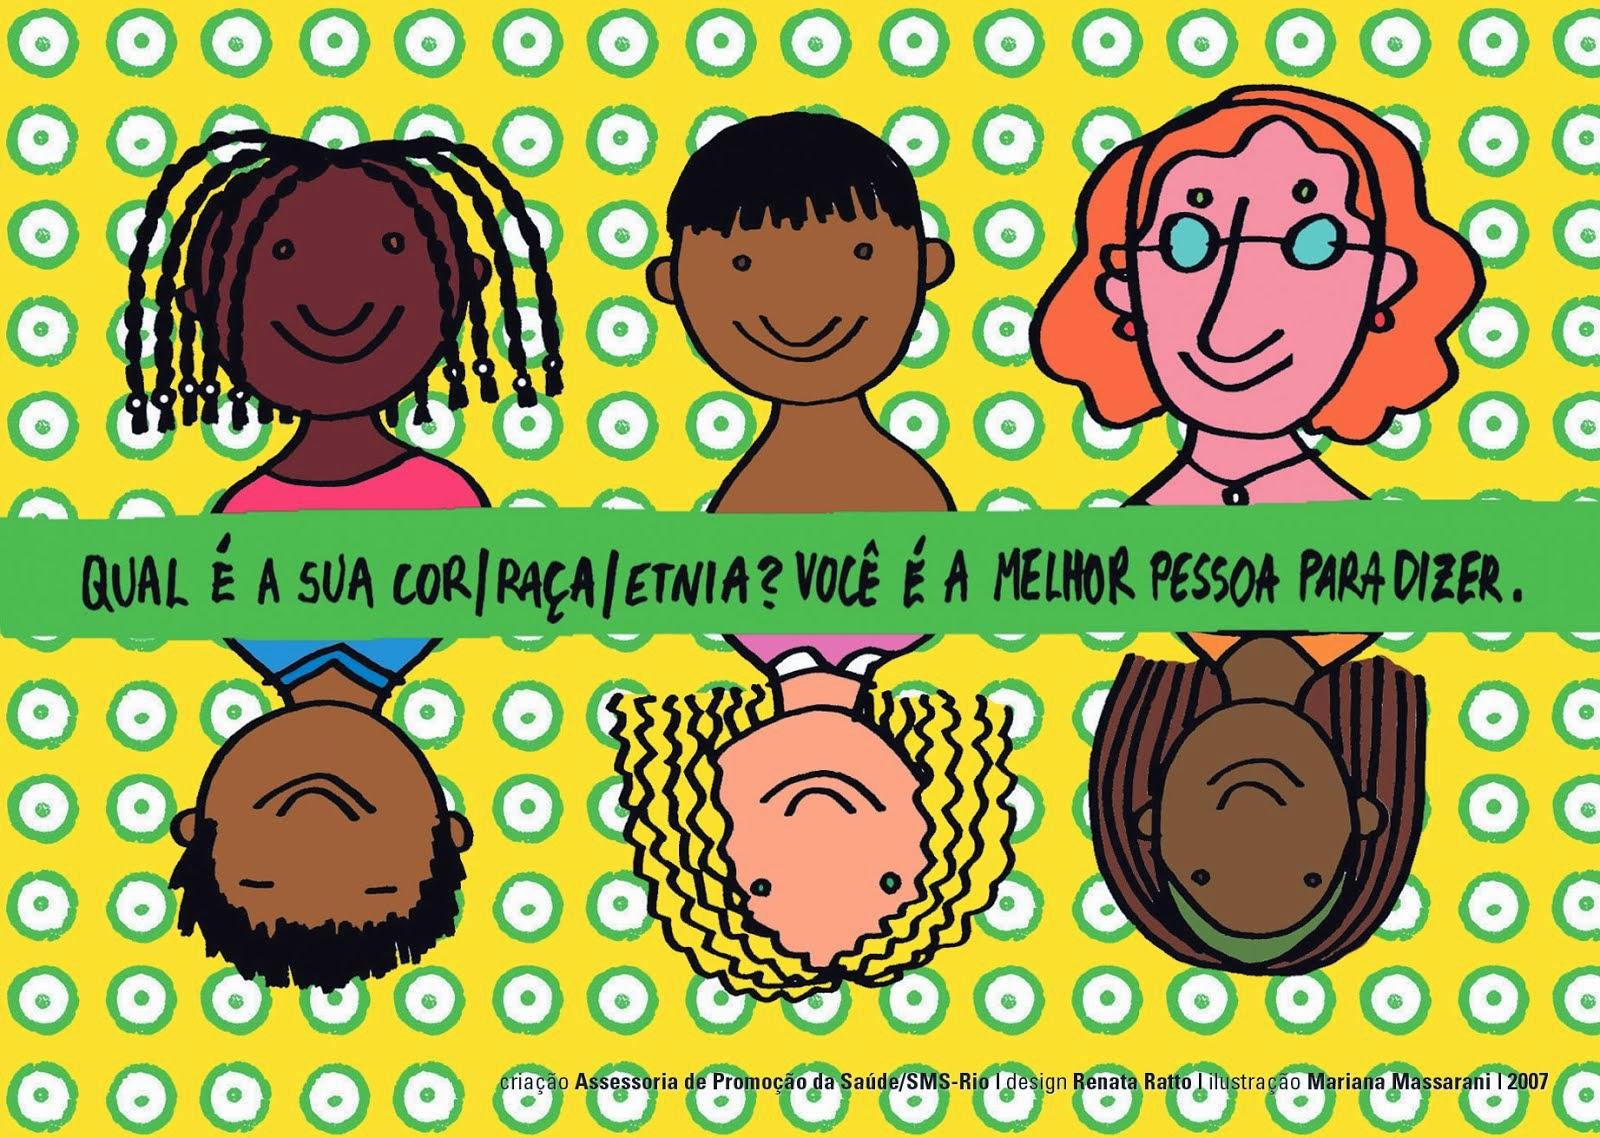 Somos todos iguais!